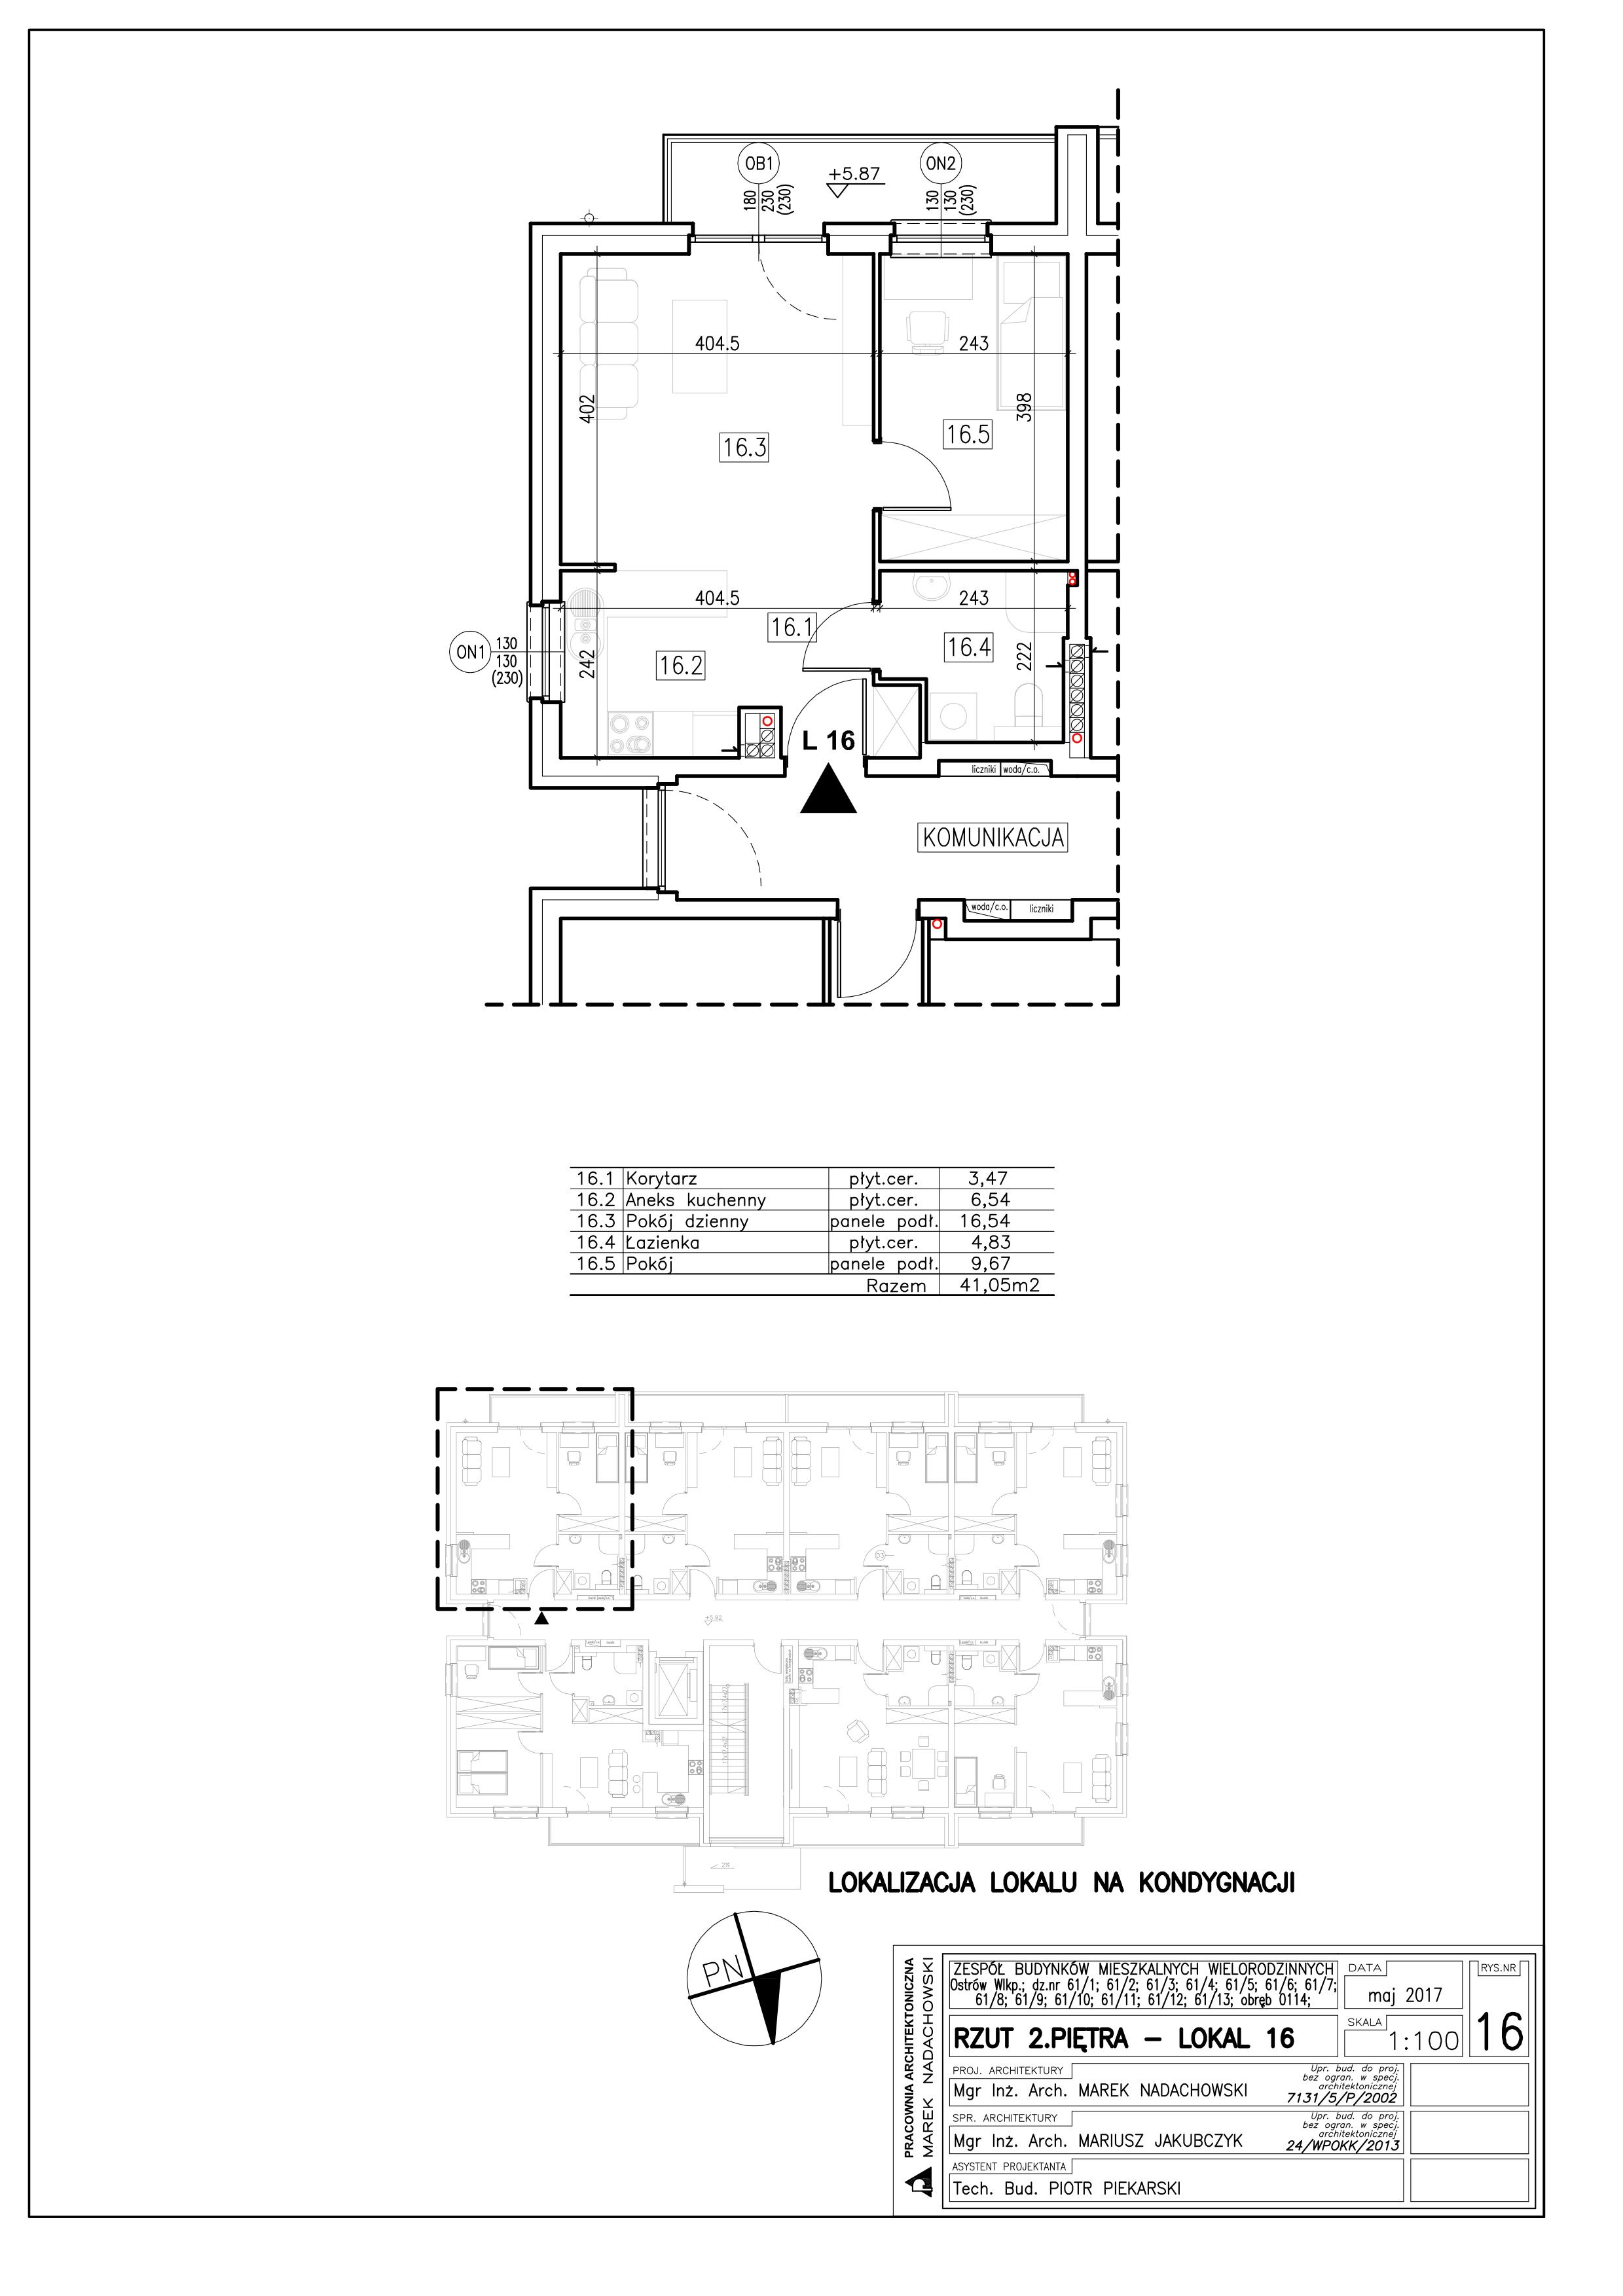 Lokal nr 16 Powierzchnia: 41,05 m2